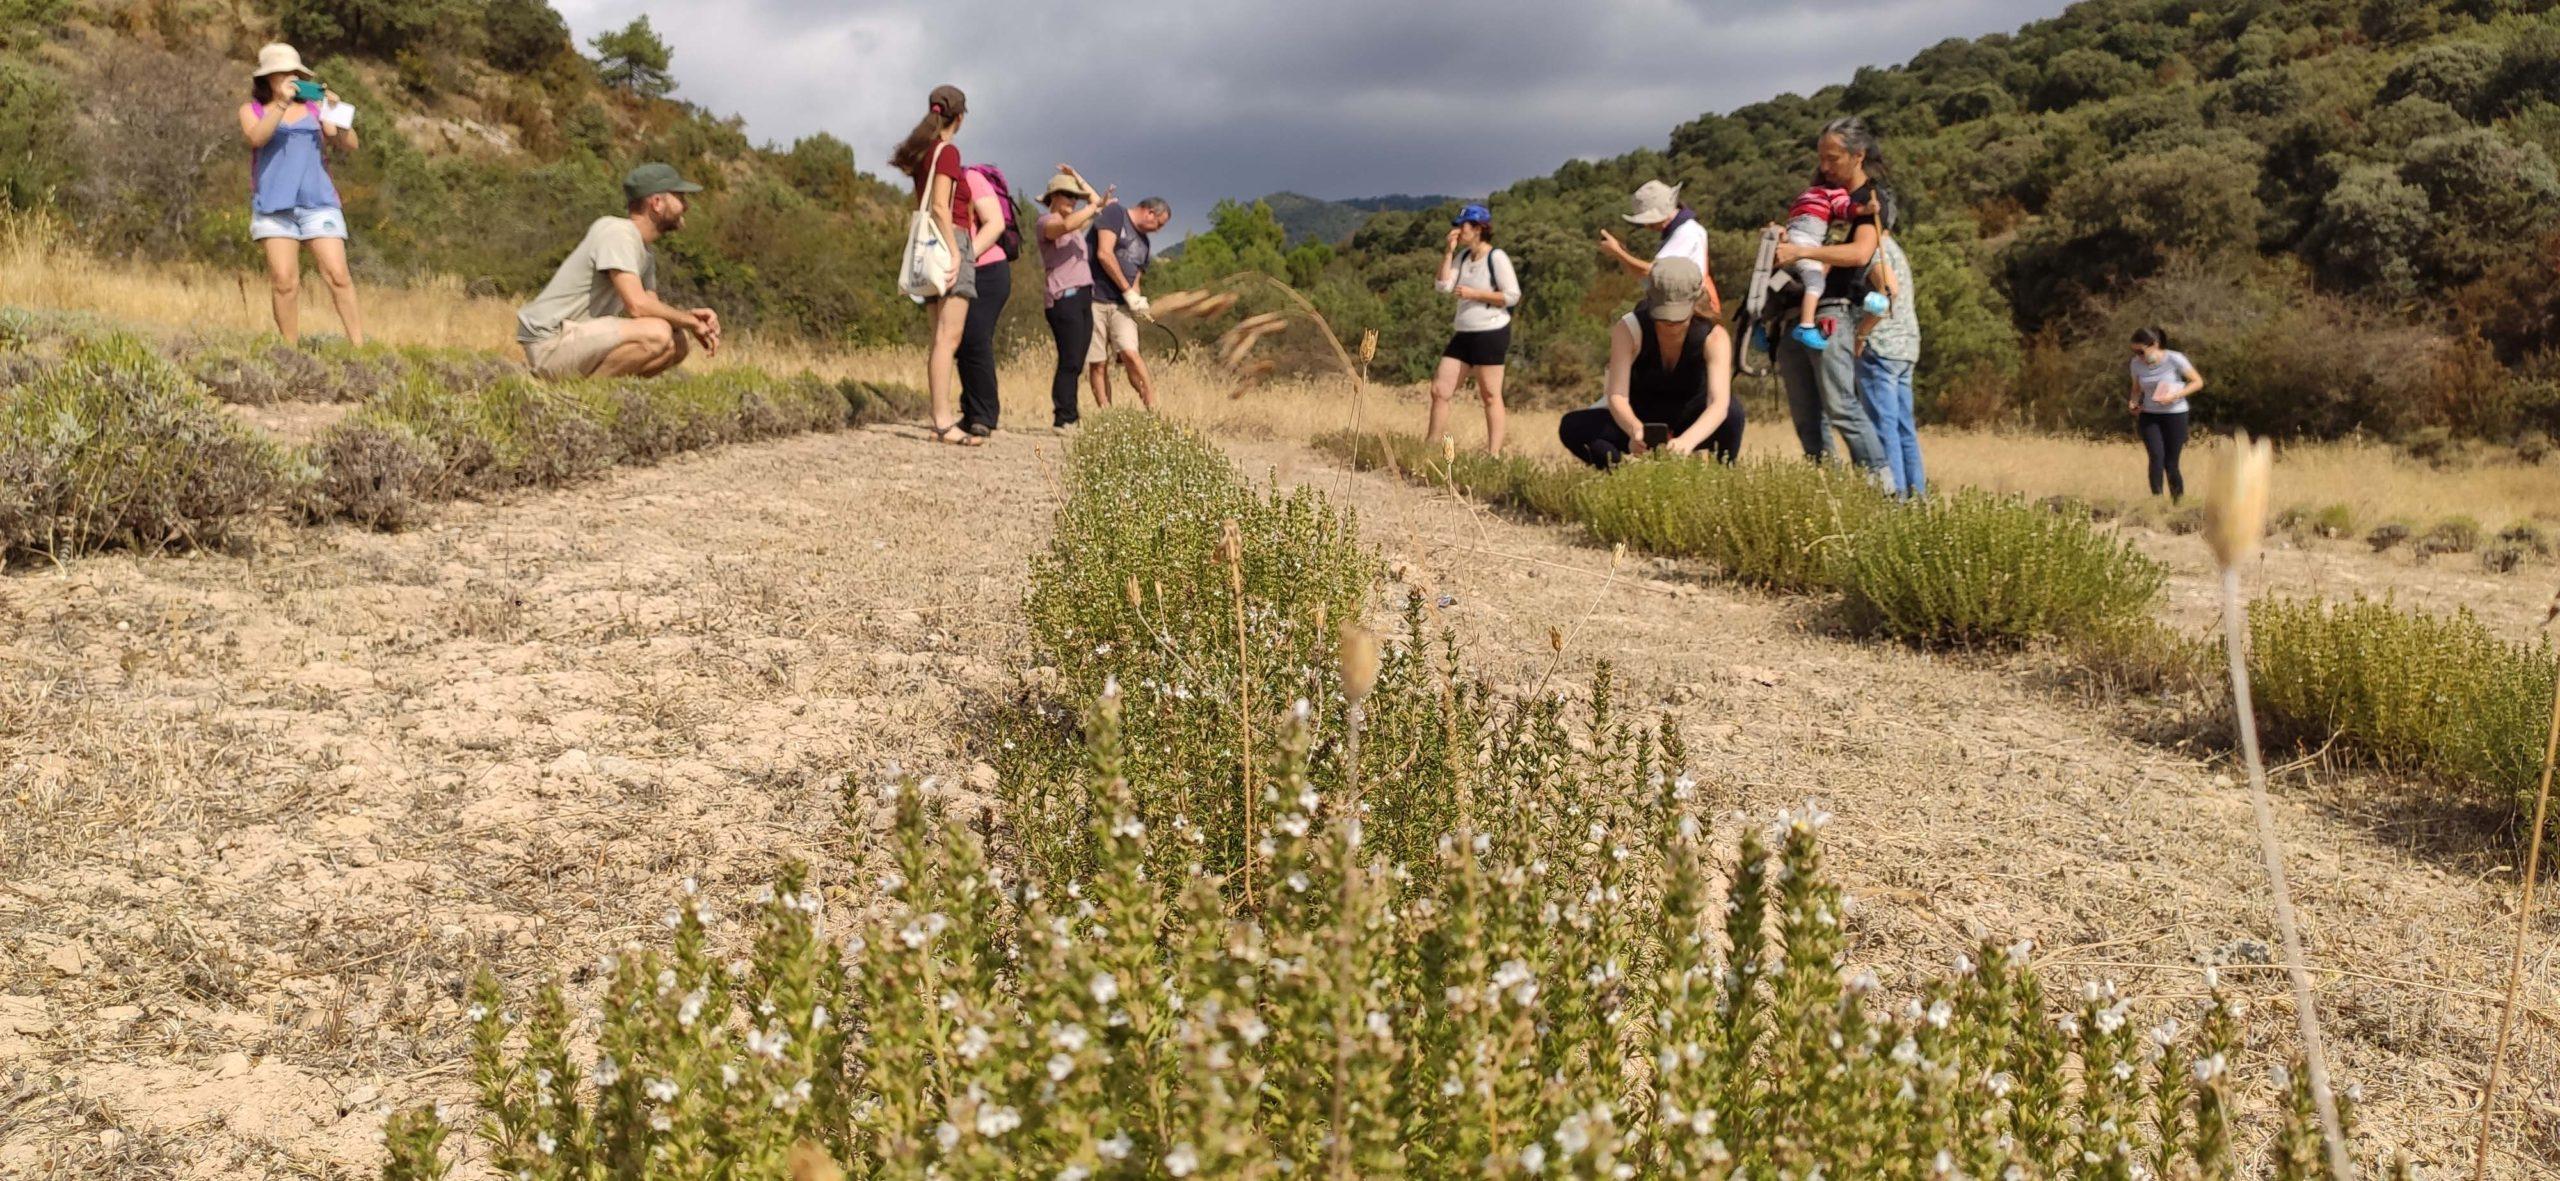 Visites techniques en Aragon avec les étudiants des cours